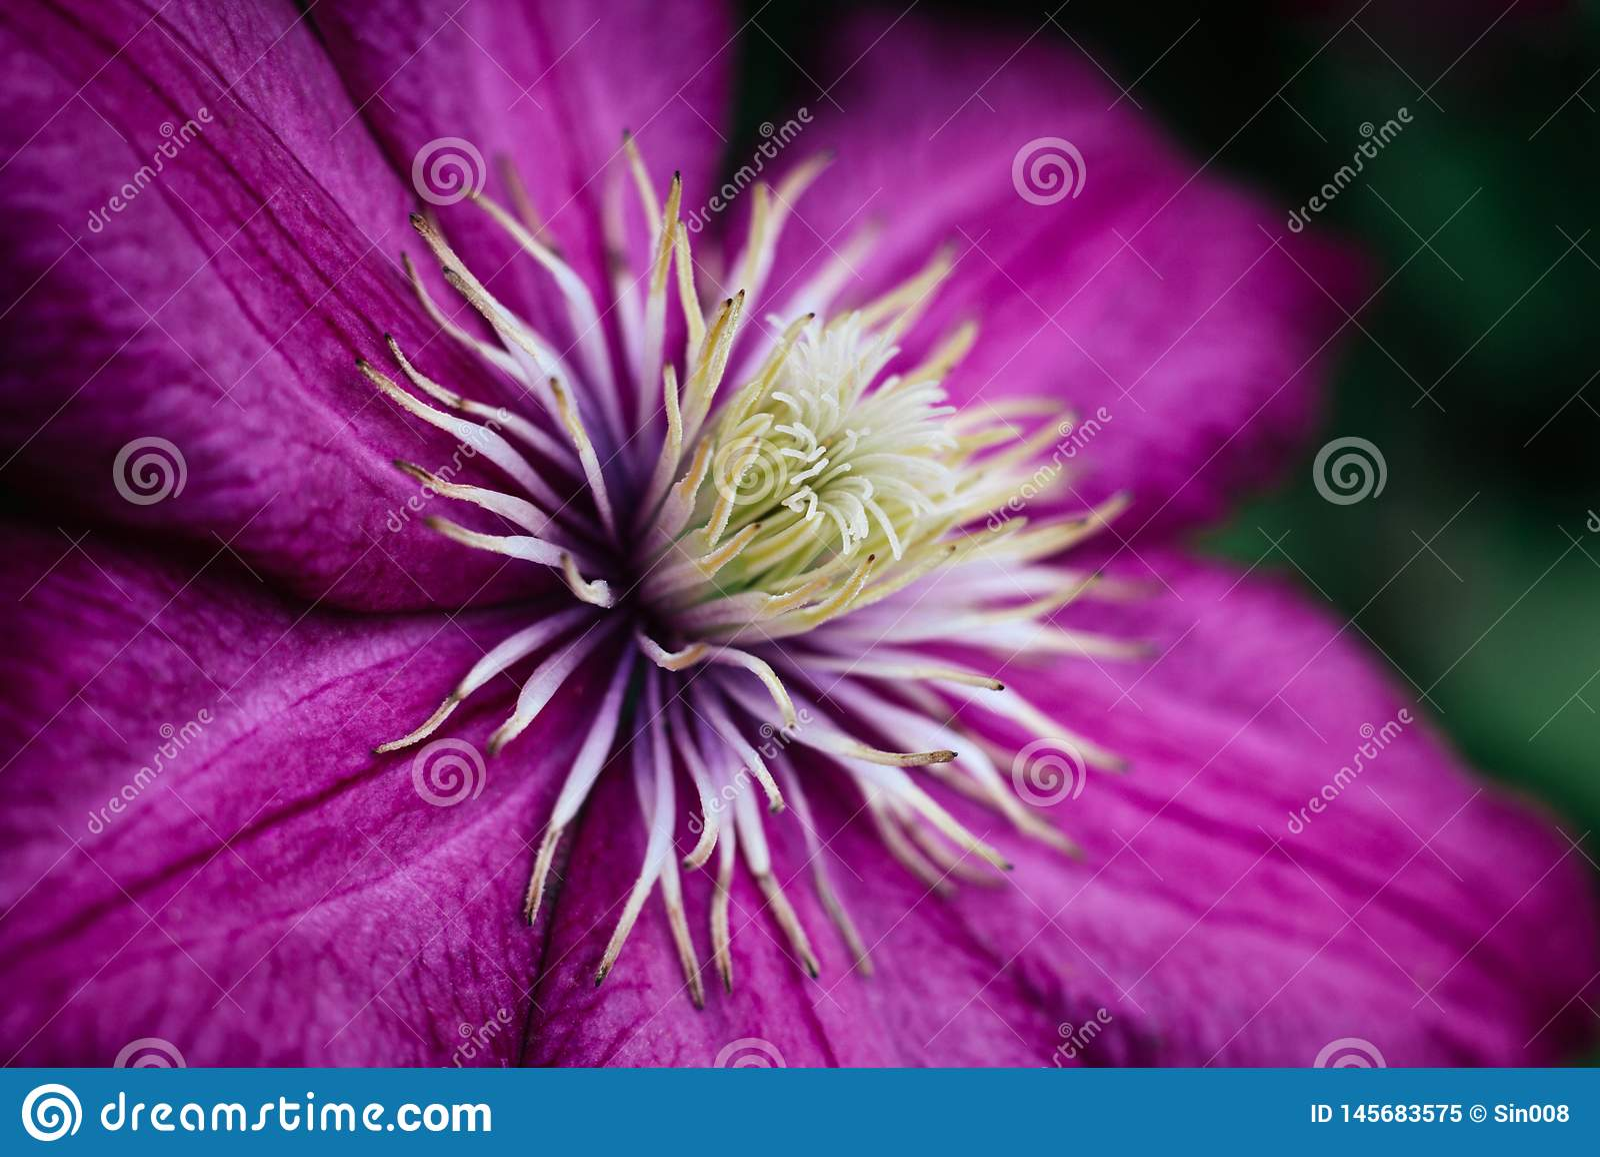 明亮的桃红色铁线莲属关闭 与白色雄芯花蕊的庭院上升的花 大织地不很细瓣 宏观侧视图